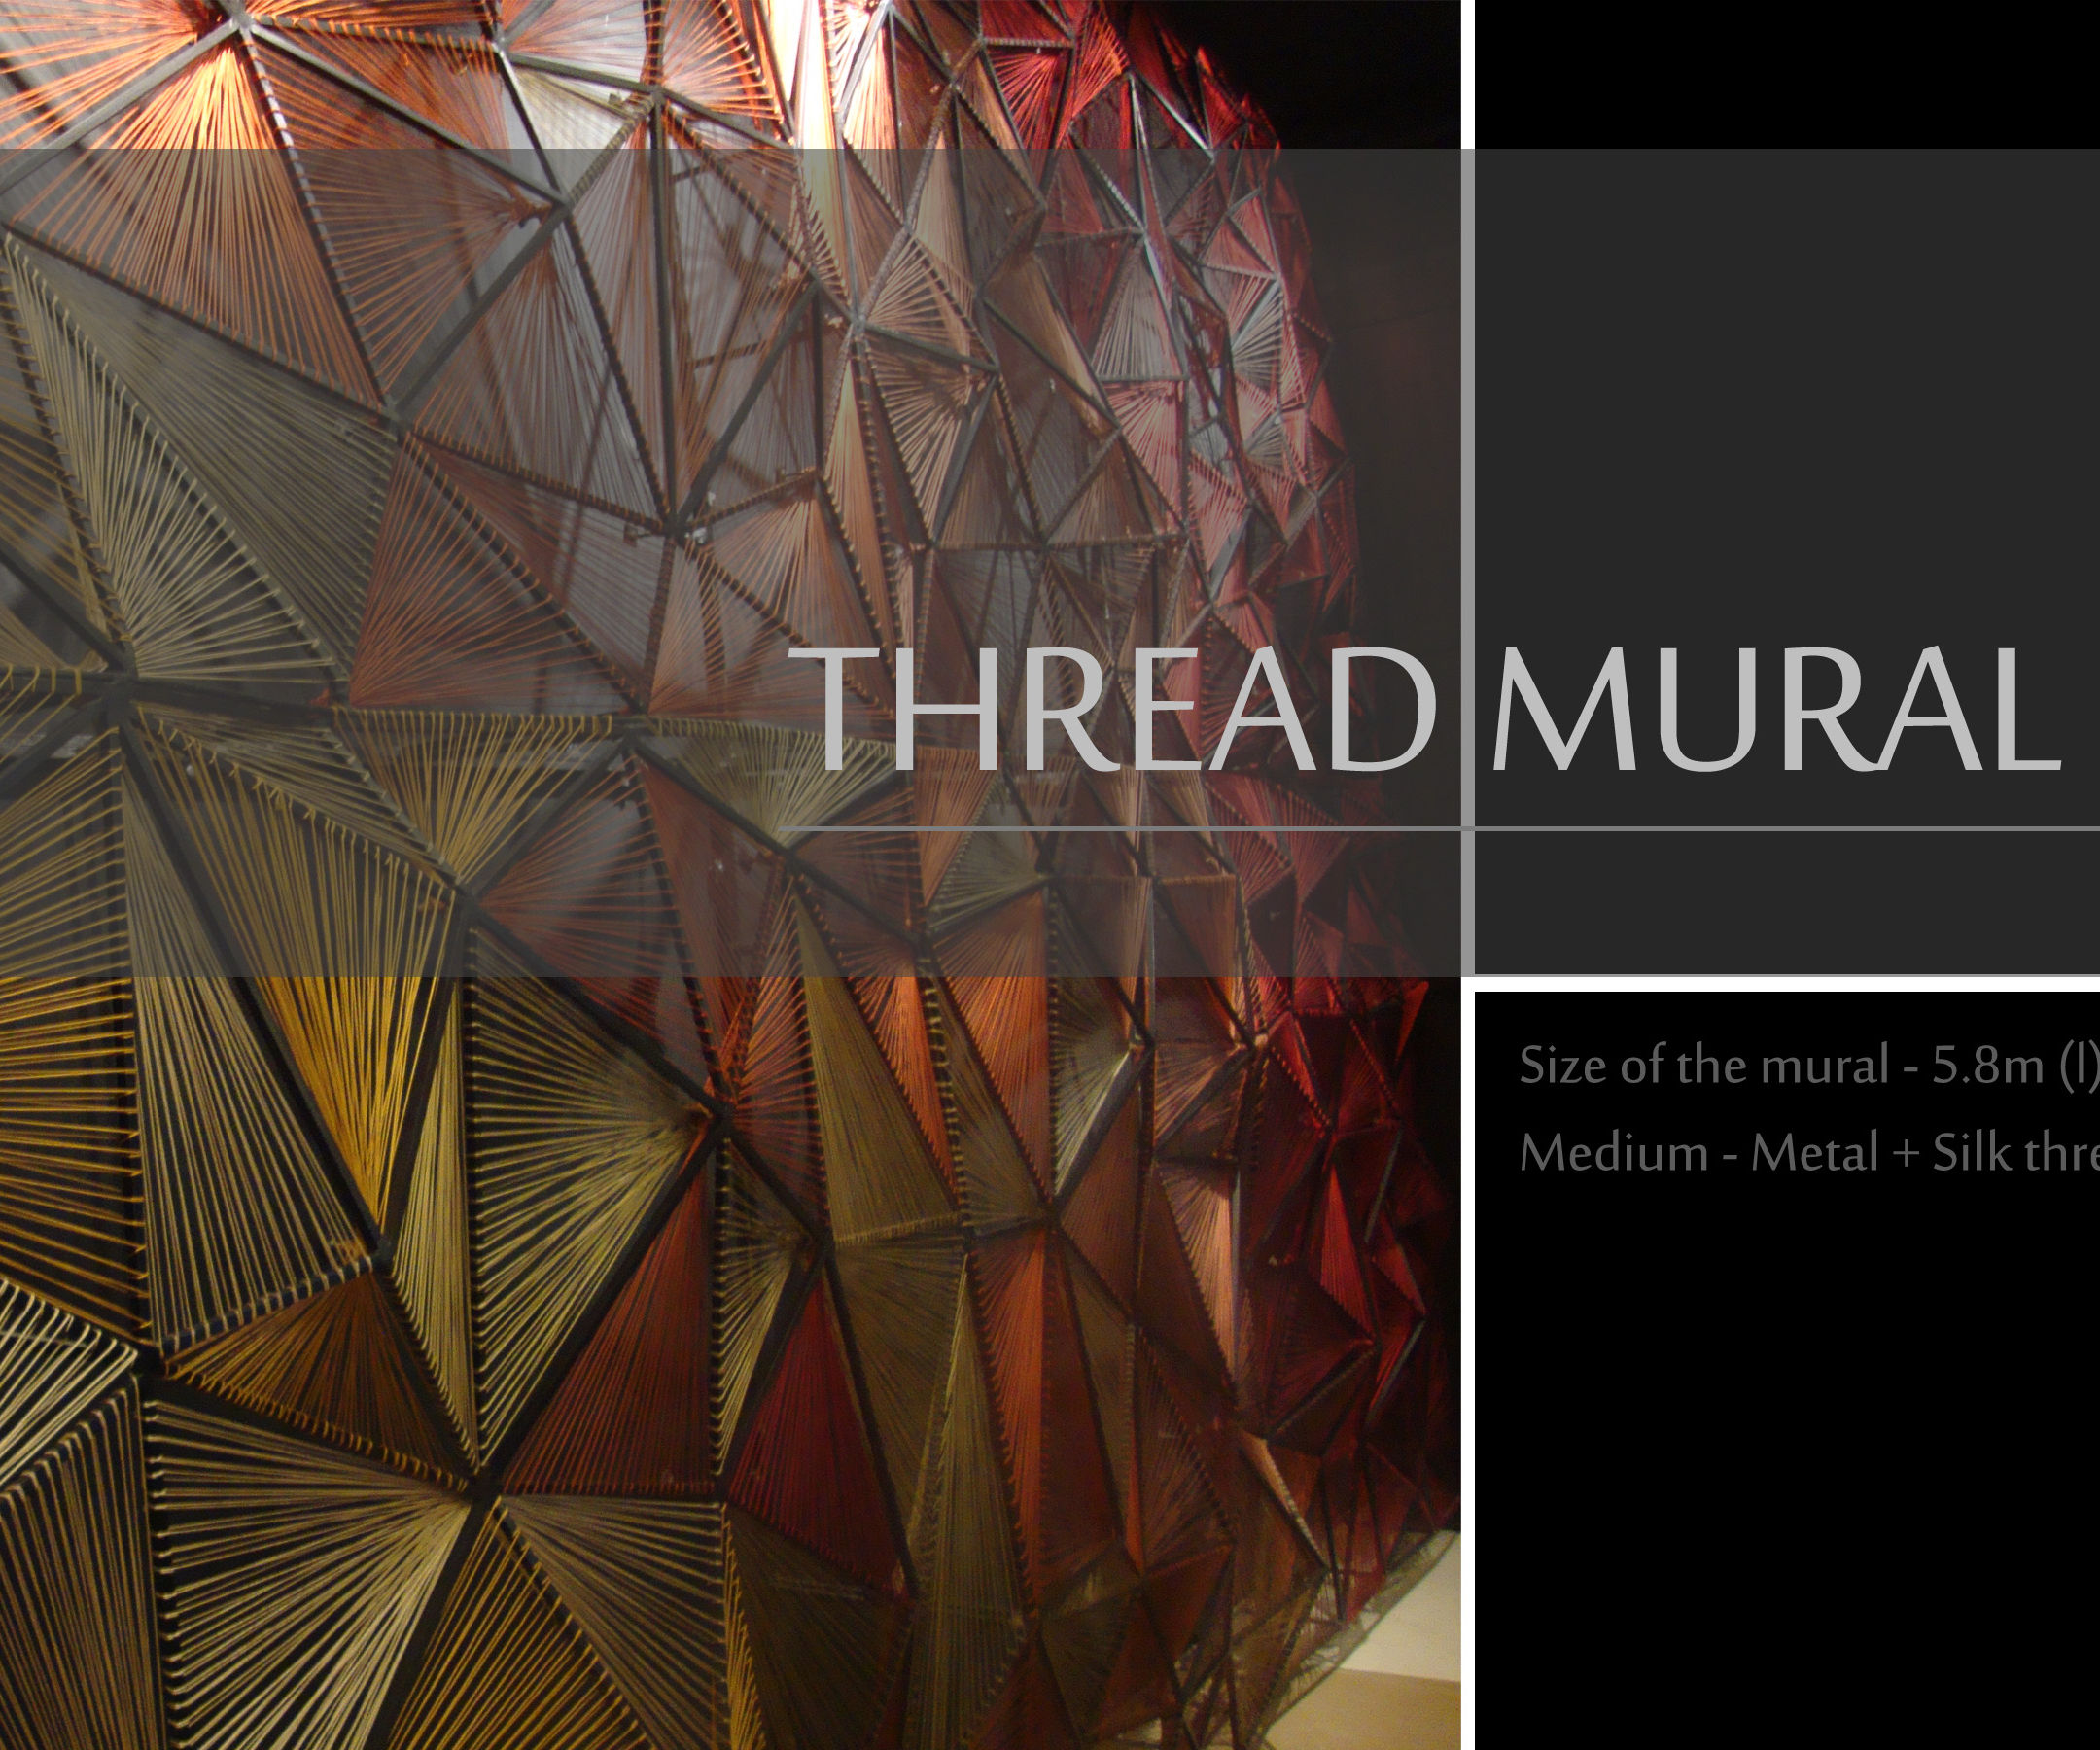 thread mural